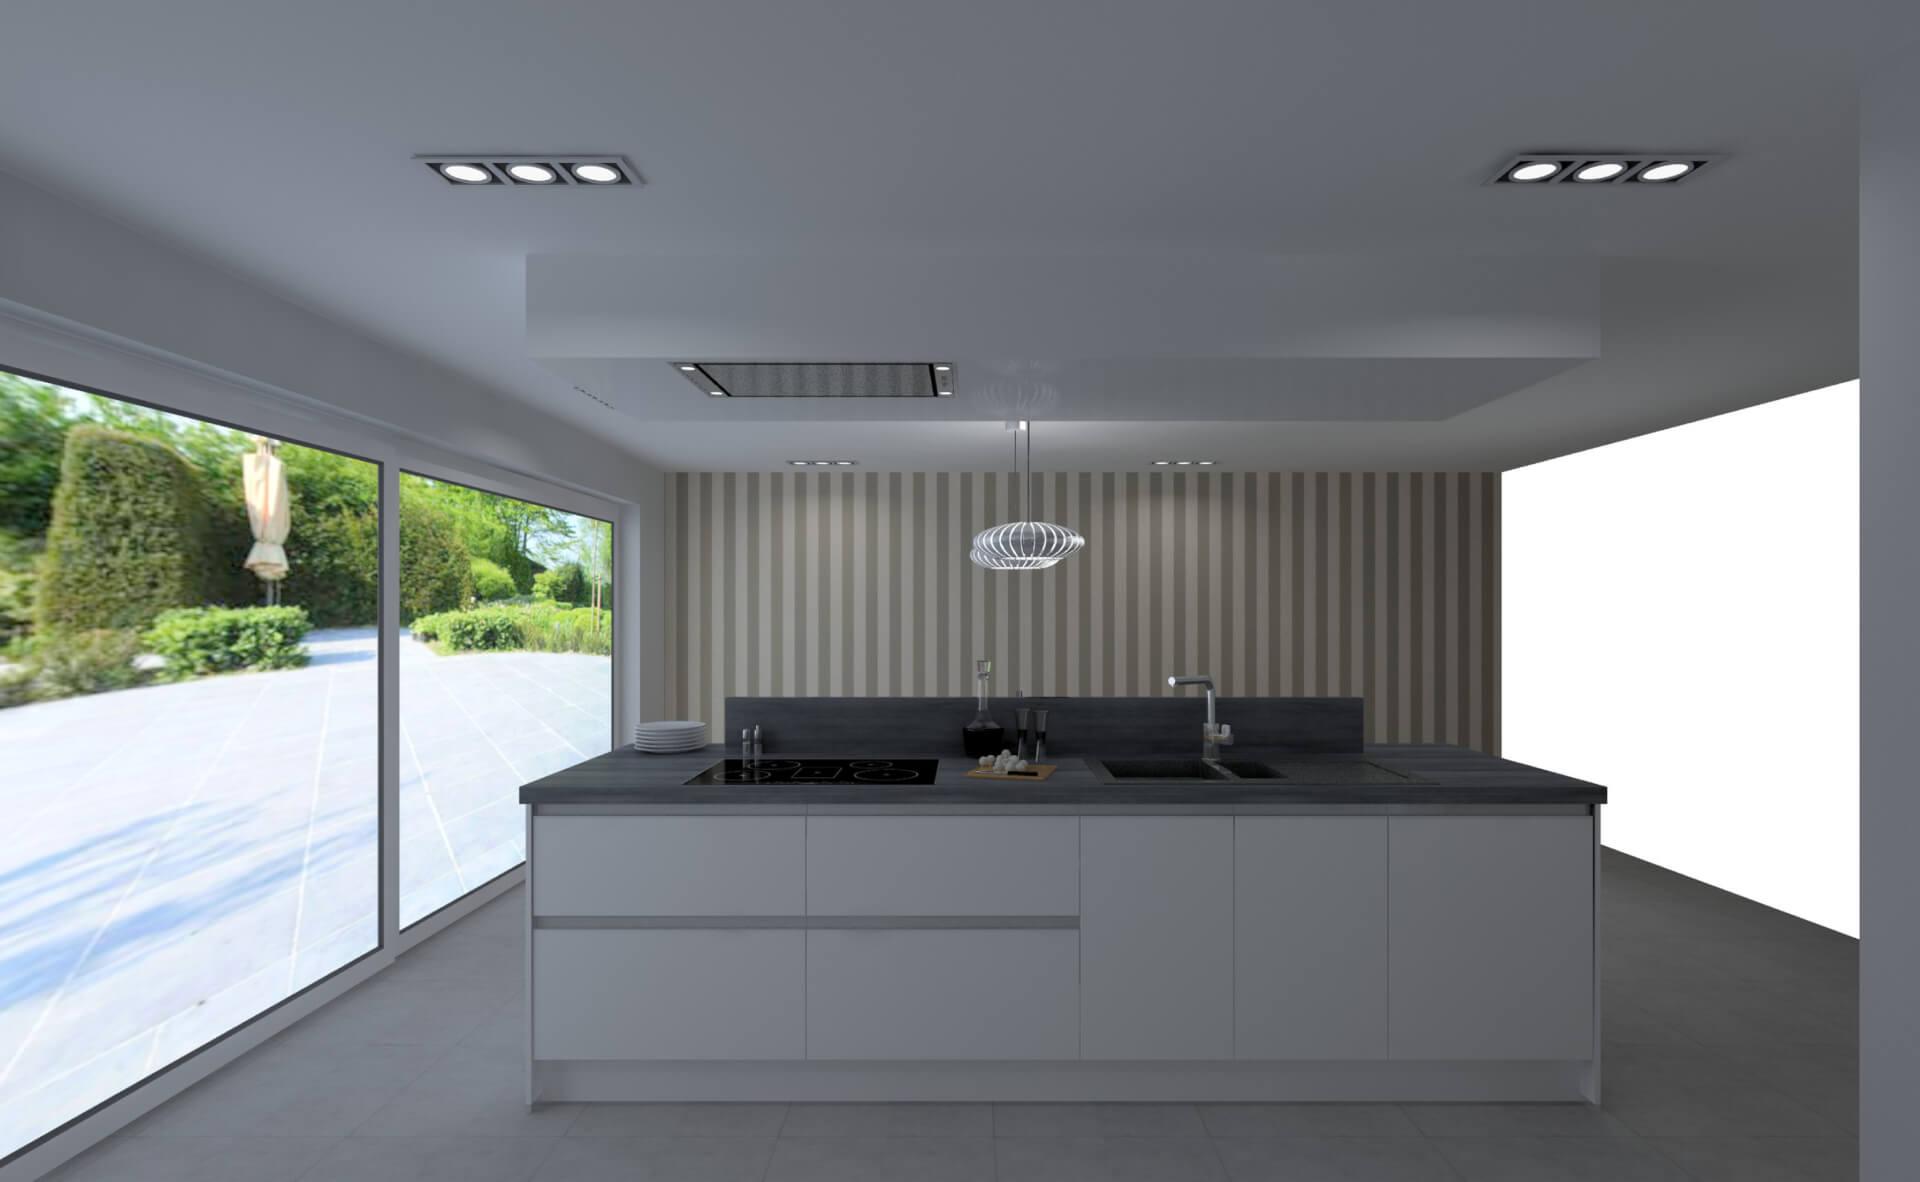 D keuken ontwerp programma referenties op huis ontwerp